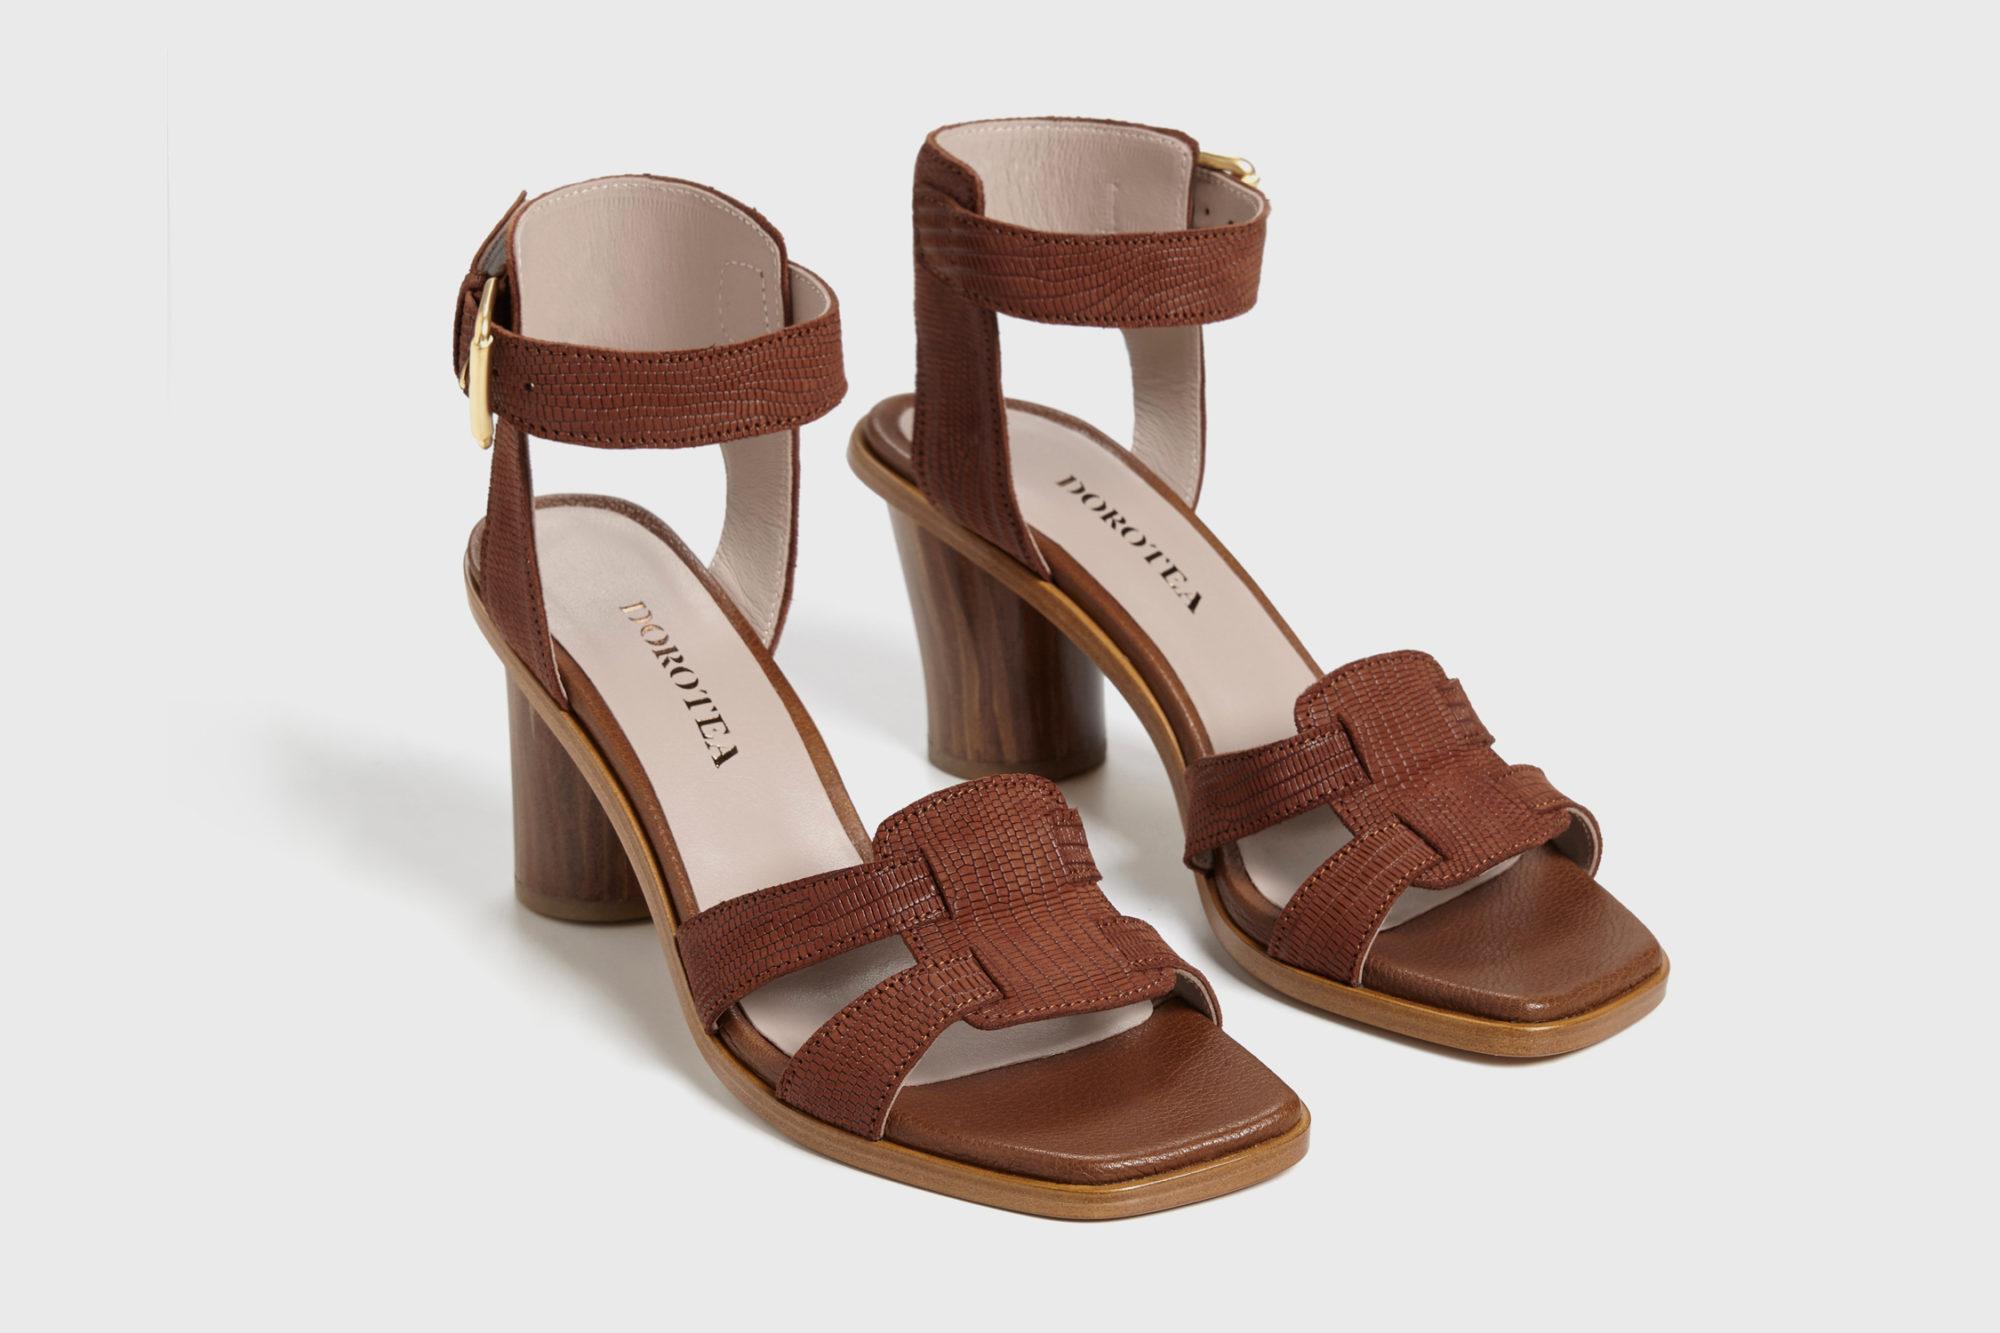 Dorotea sandalia de tacón alto Lianne marrón ss17 par